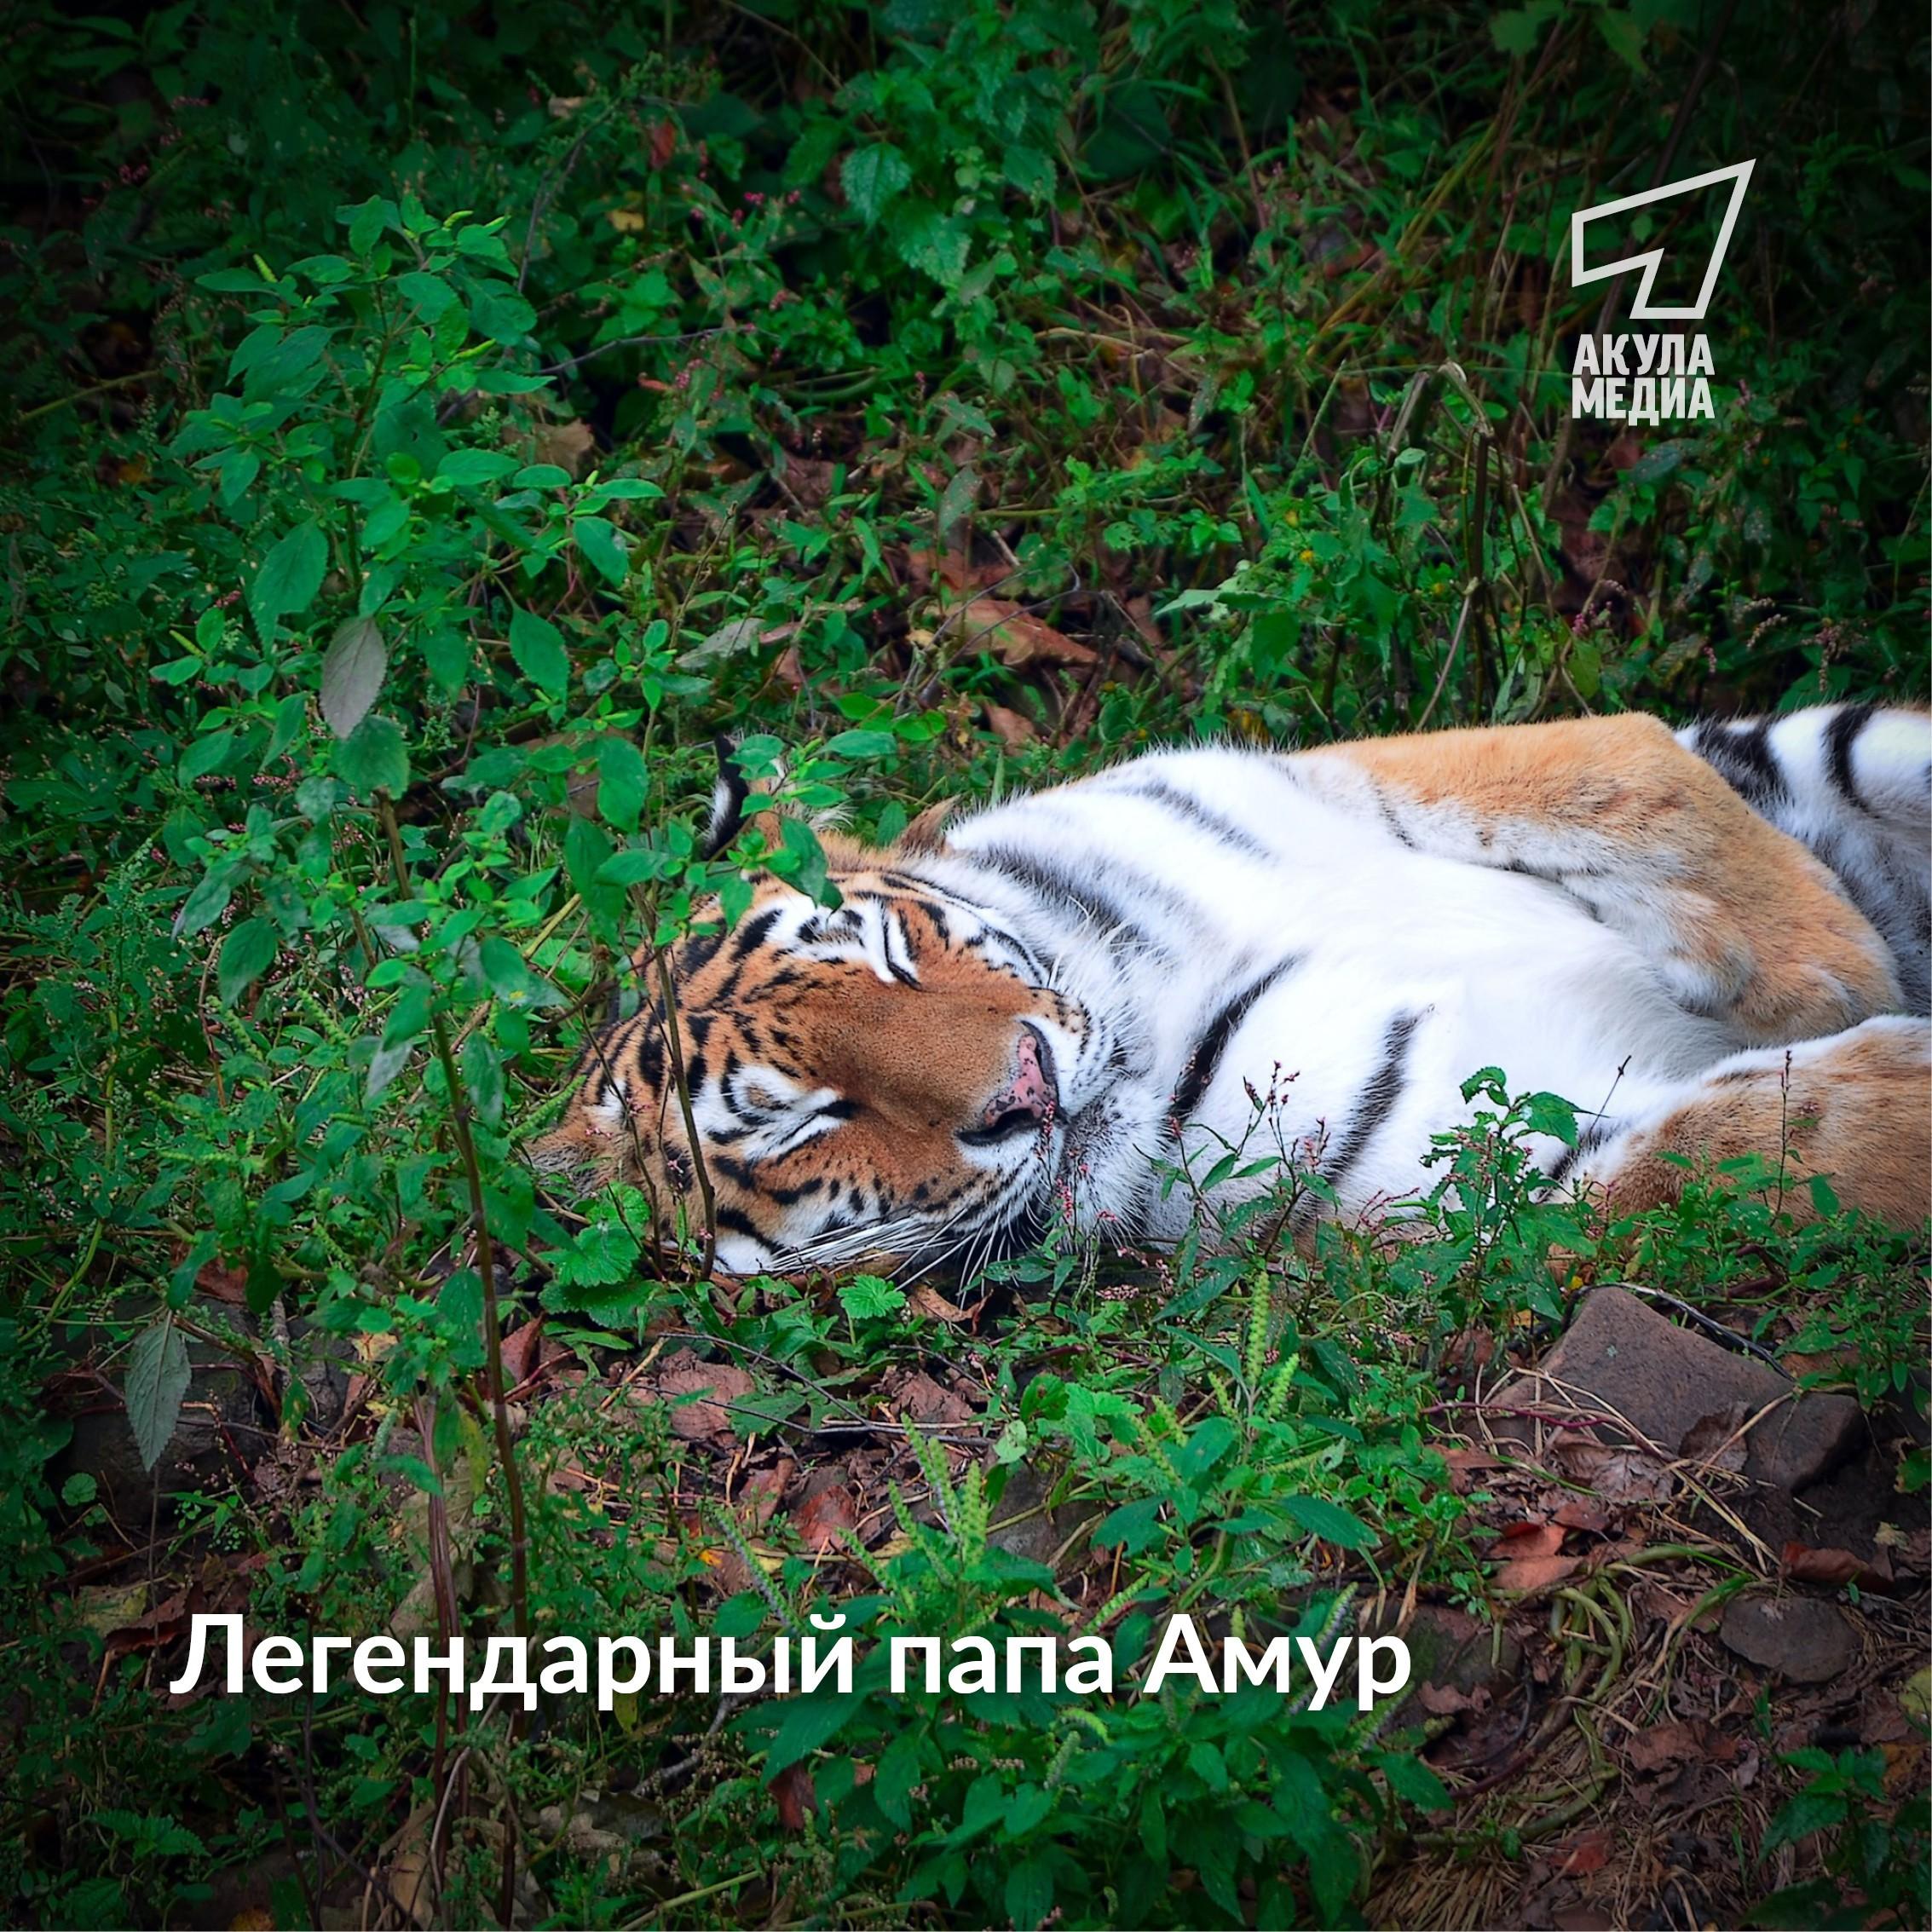 Знаменитый тигр Амур во второй раз стал папой!